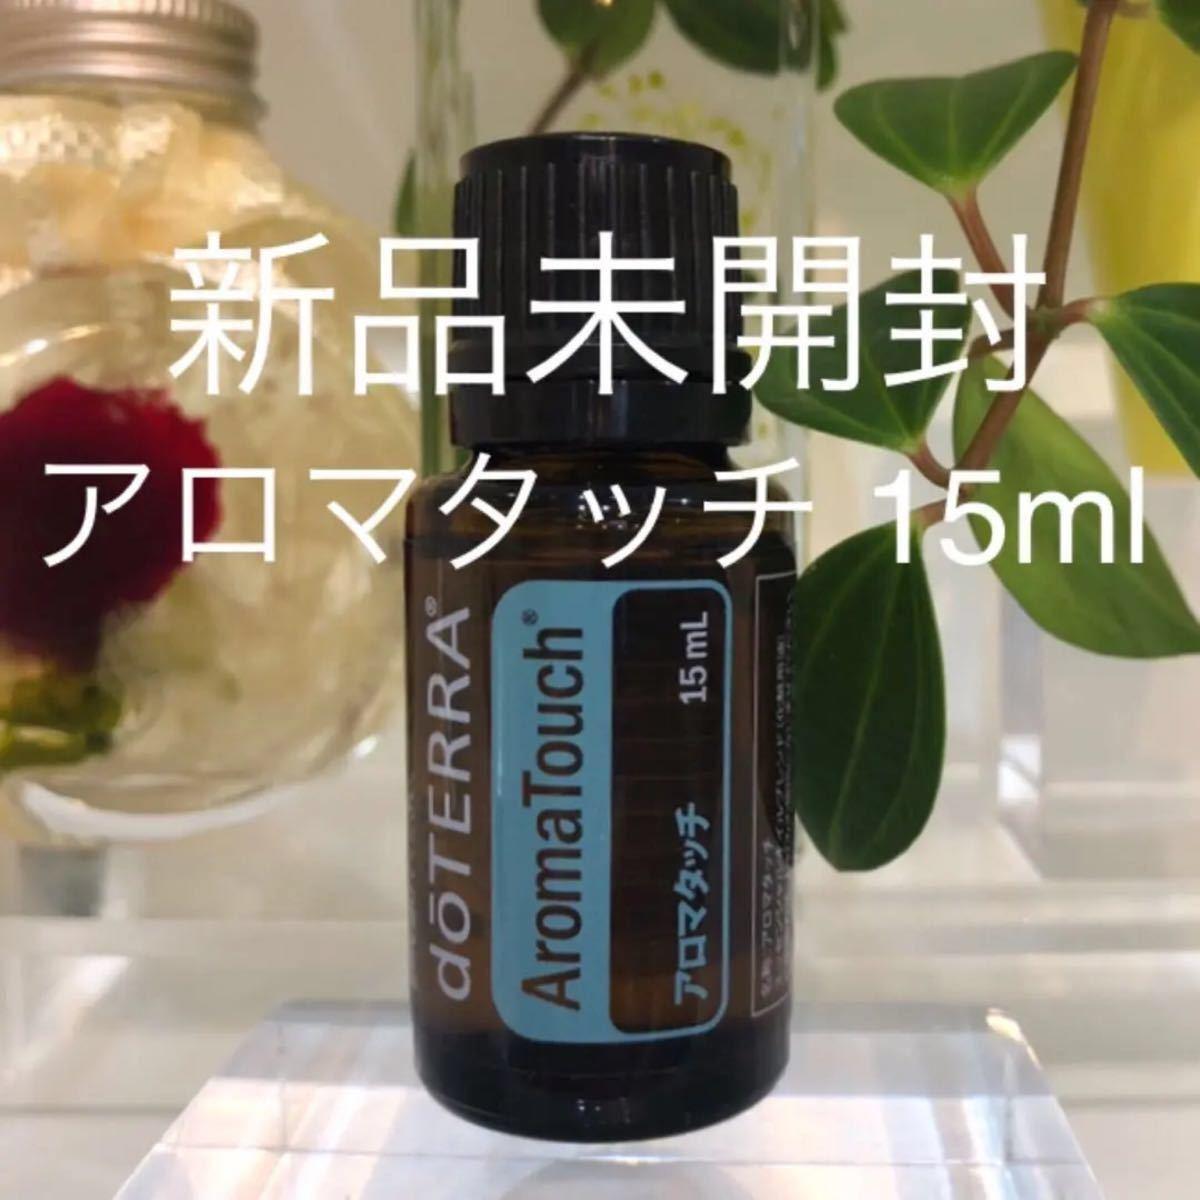 jun0408 様専用ページ/ドテラ